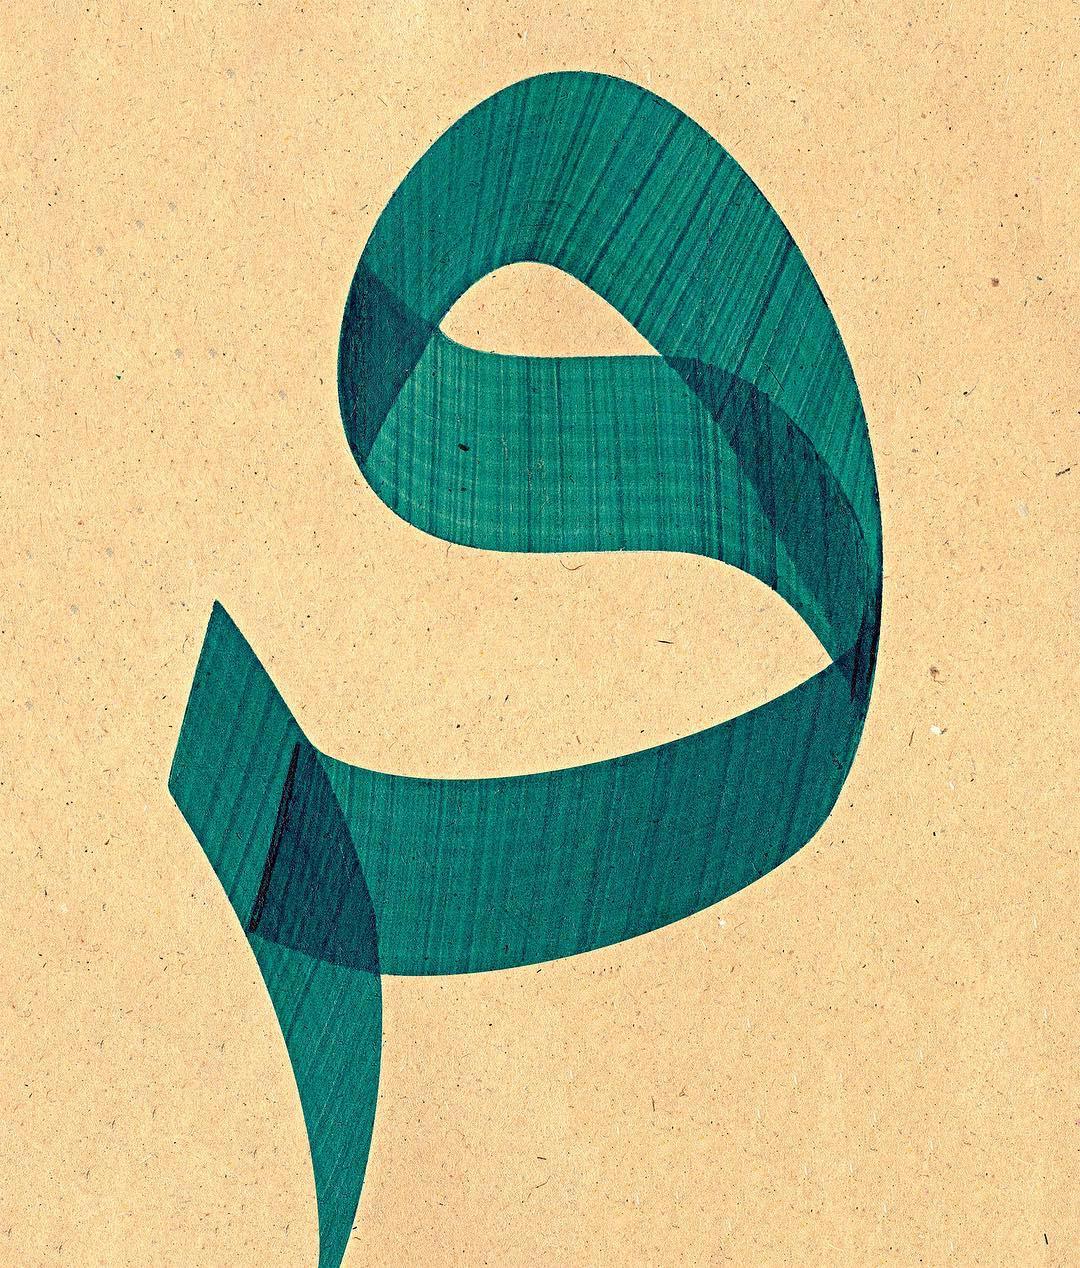 Donwload Photo Kaligrafi Detay #sülüs #calligraphy #calligrapher #ottoman #art #hat #hattat #hatsanatı #t…- Osman Ozcay